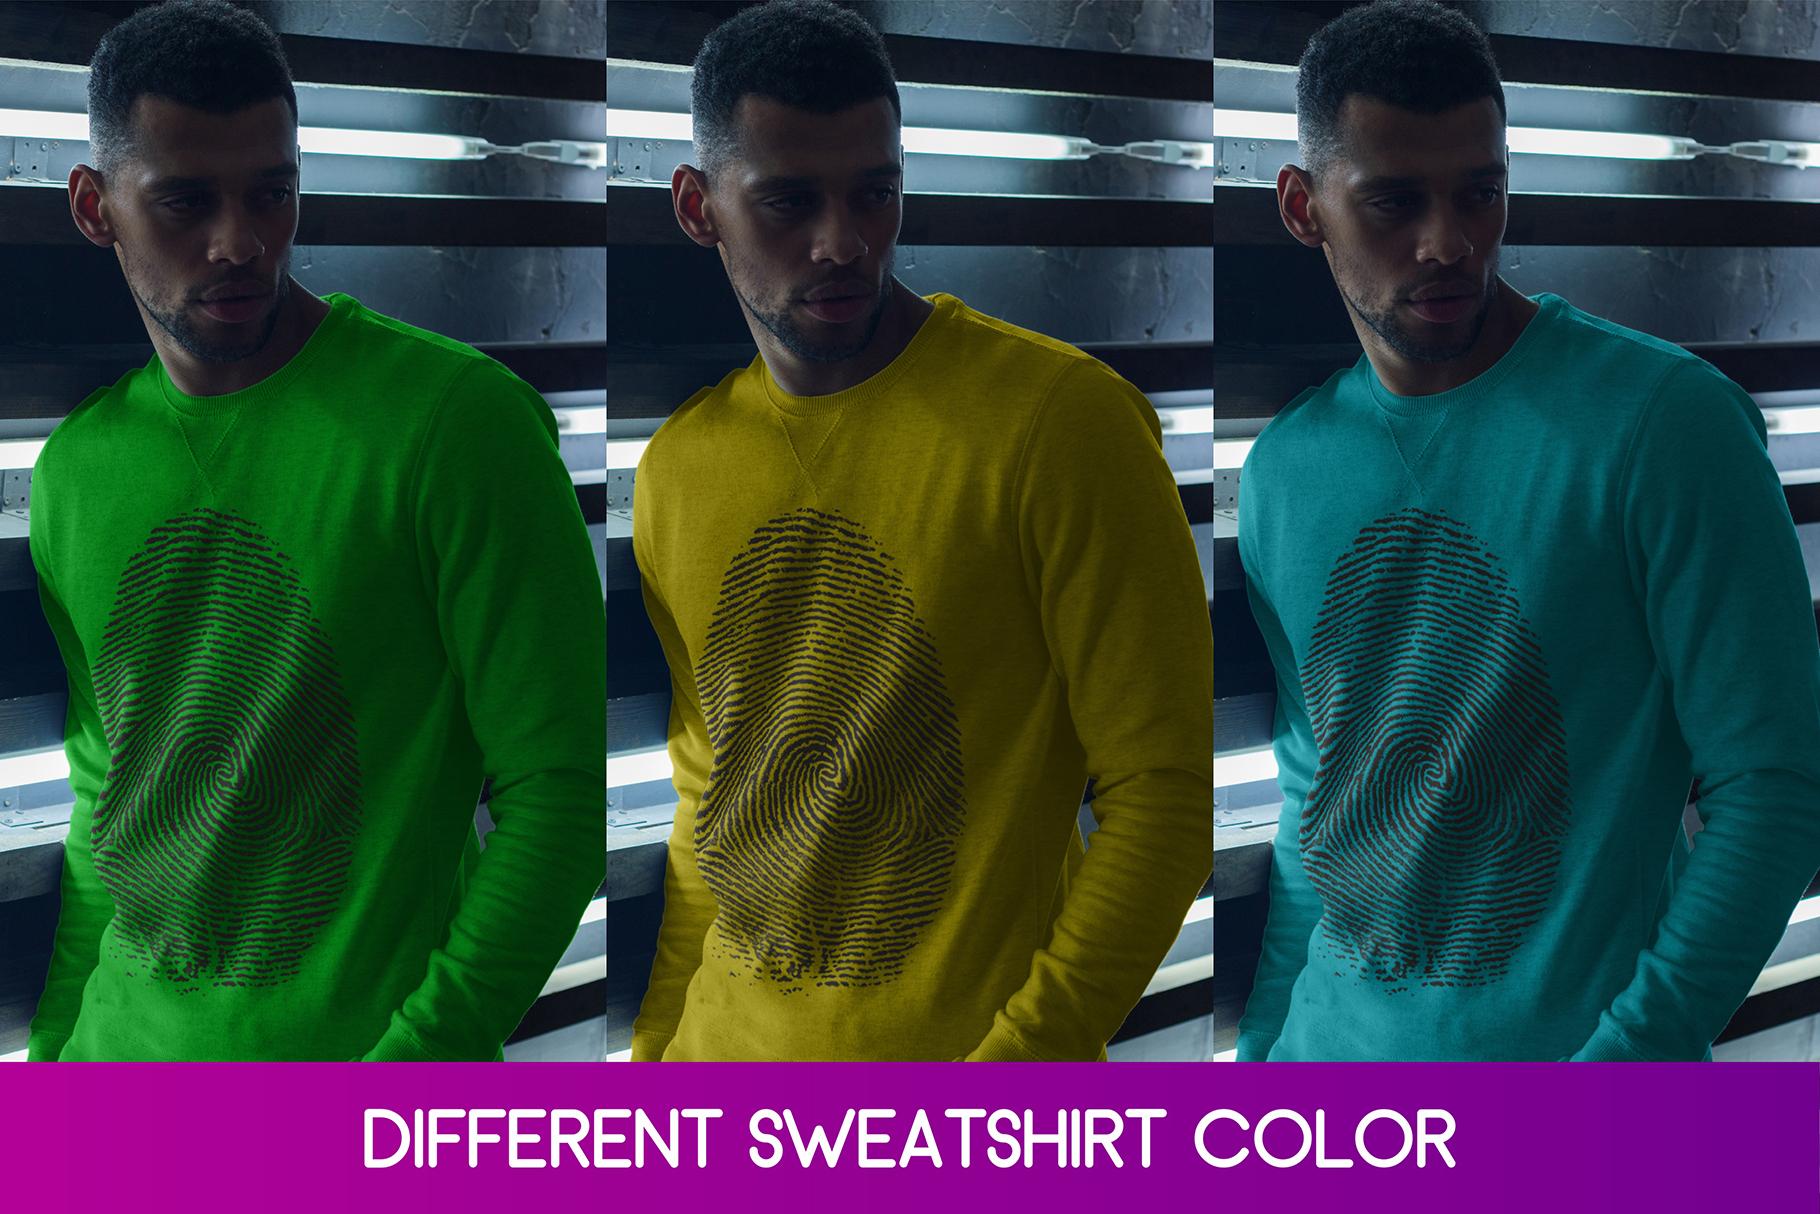 Sweatshirt Mock-Up 2018 #33 example image 3